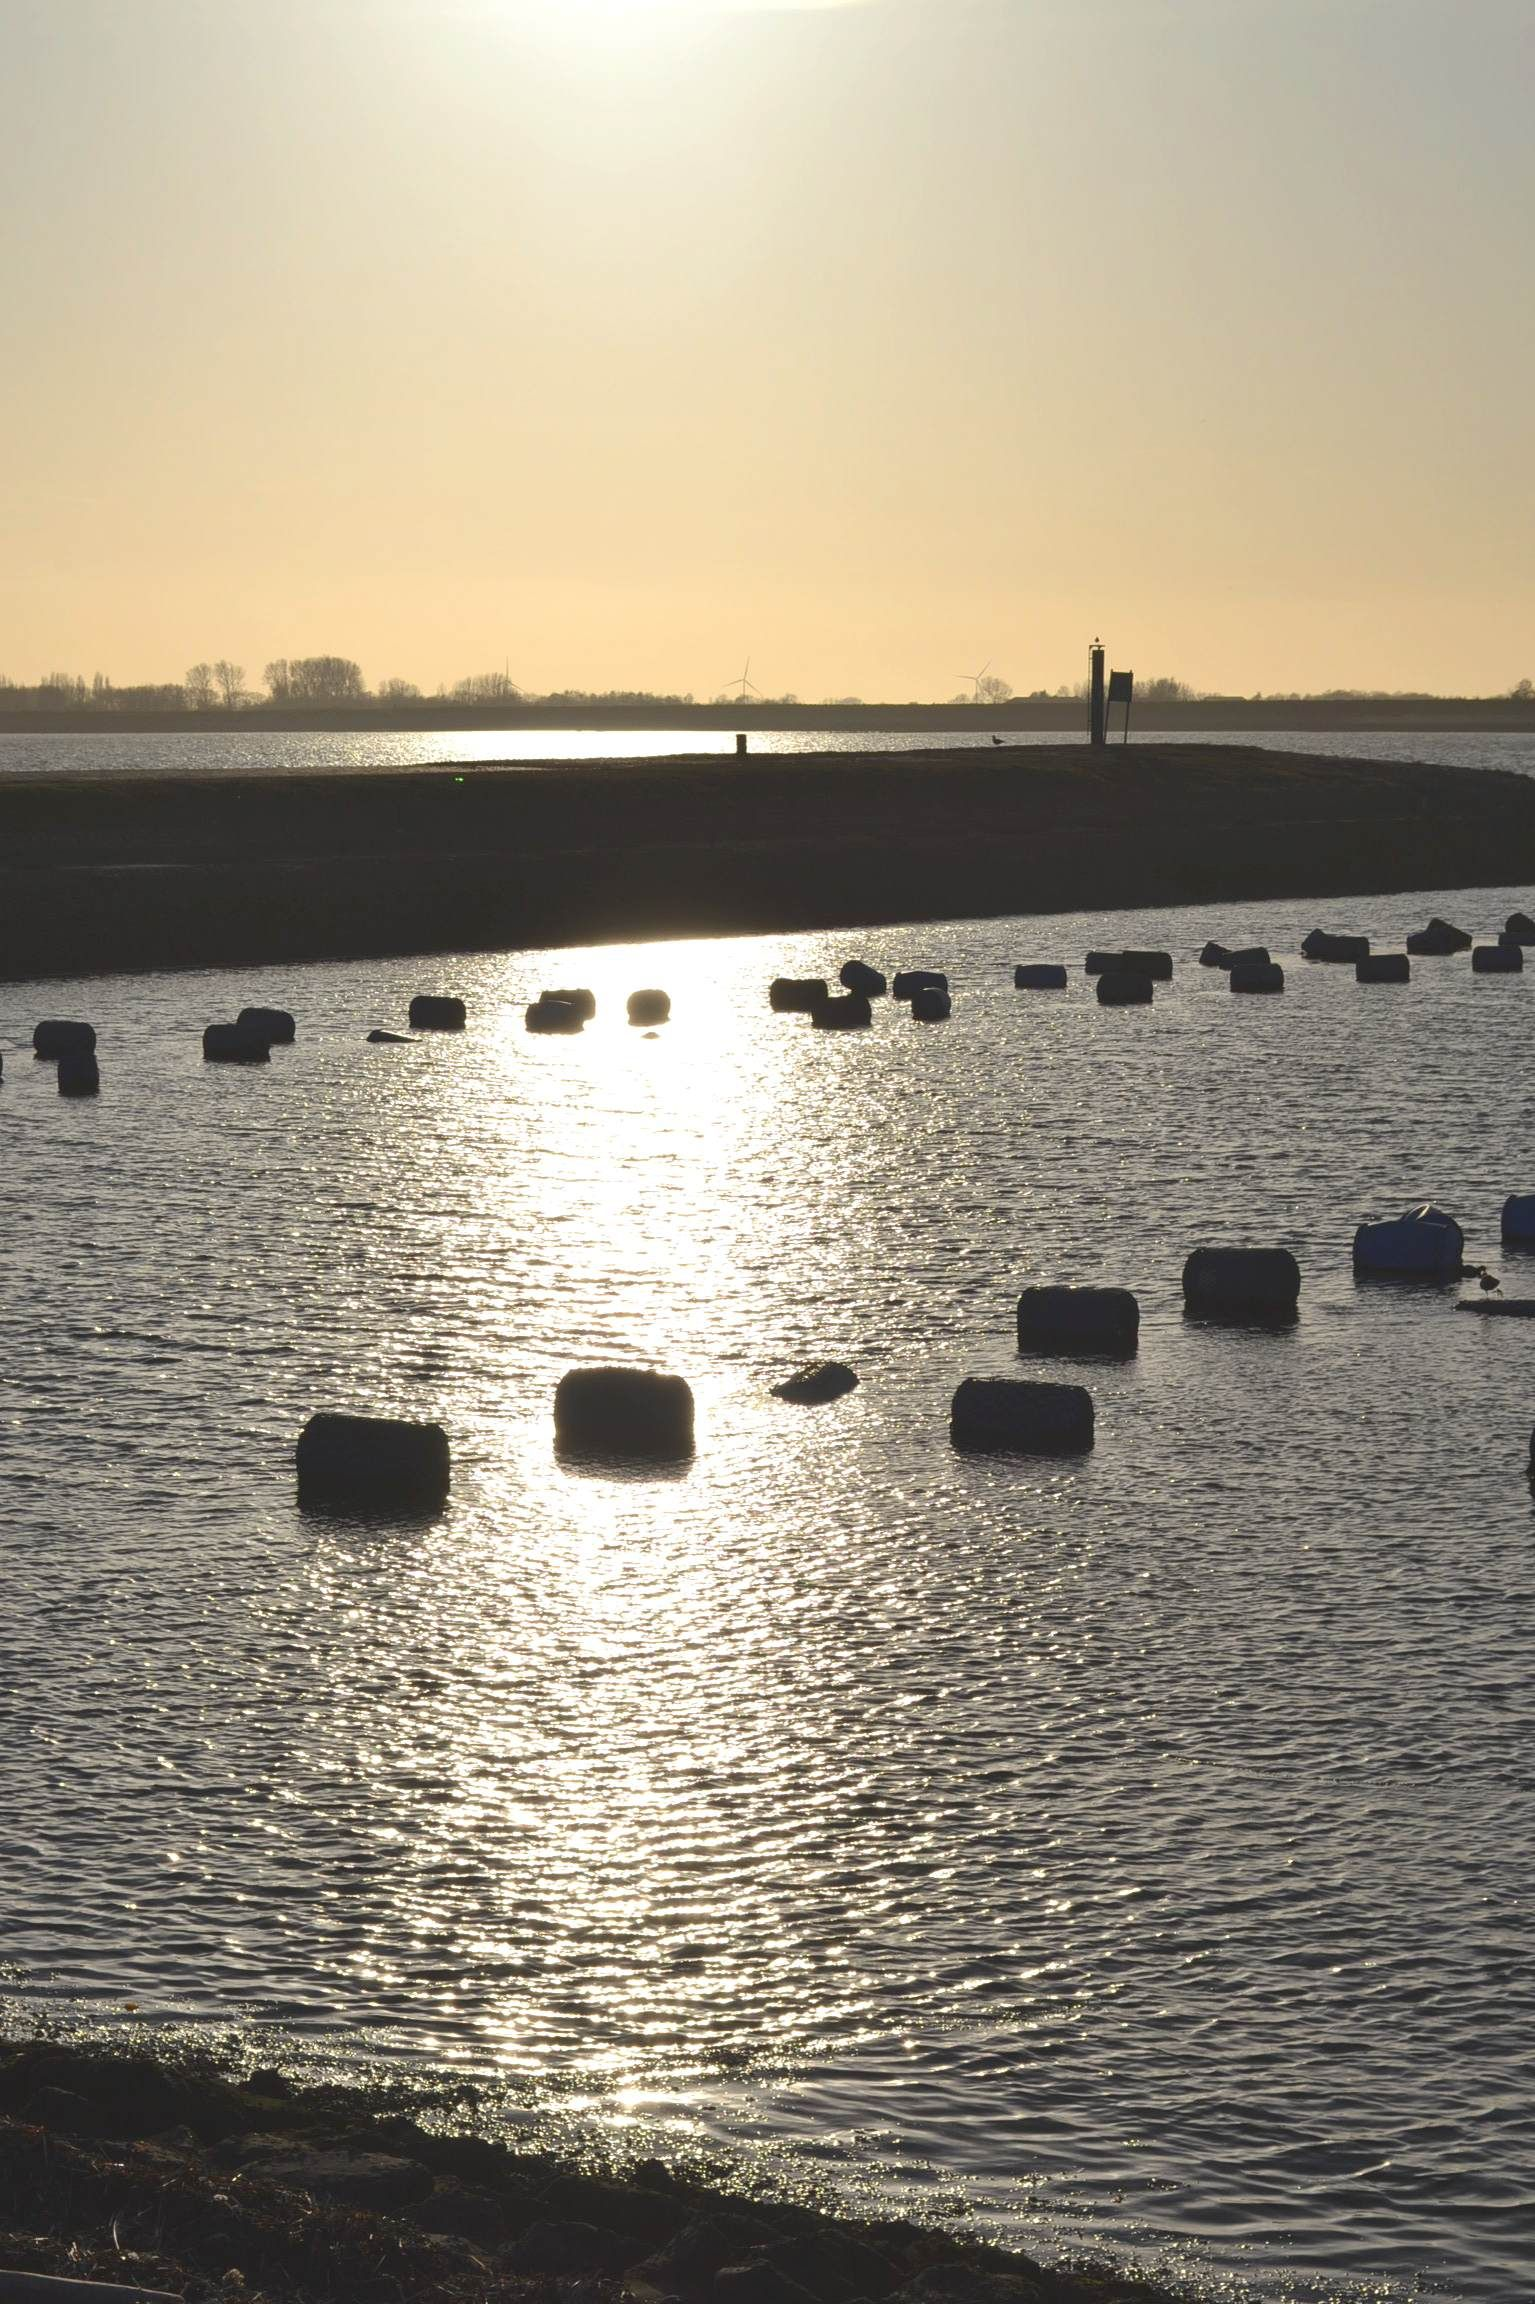 De voormalige veerhaven van Anna Jacobapolder bij avond, met mosselhangcultuur. Foto H.M.D. Dekker.